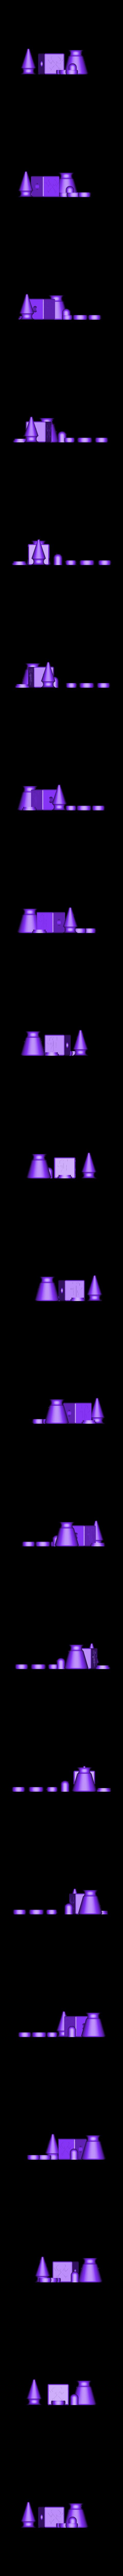 Build_Plate_v2.stl Télécharger fichier STL gratuit Aegis-fang- Wulfgar's Hammer (Imprimable) • Objet imprimable en 3D, derailed